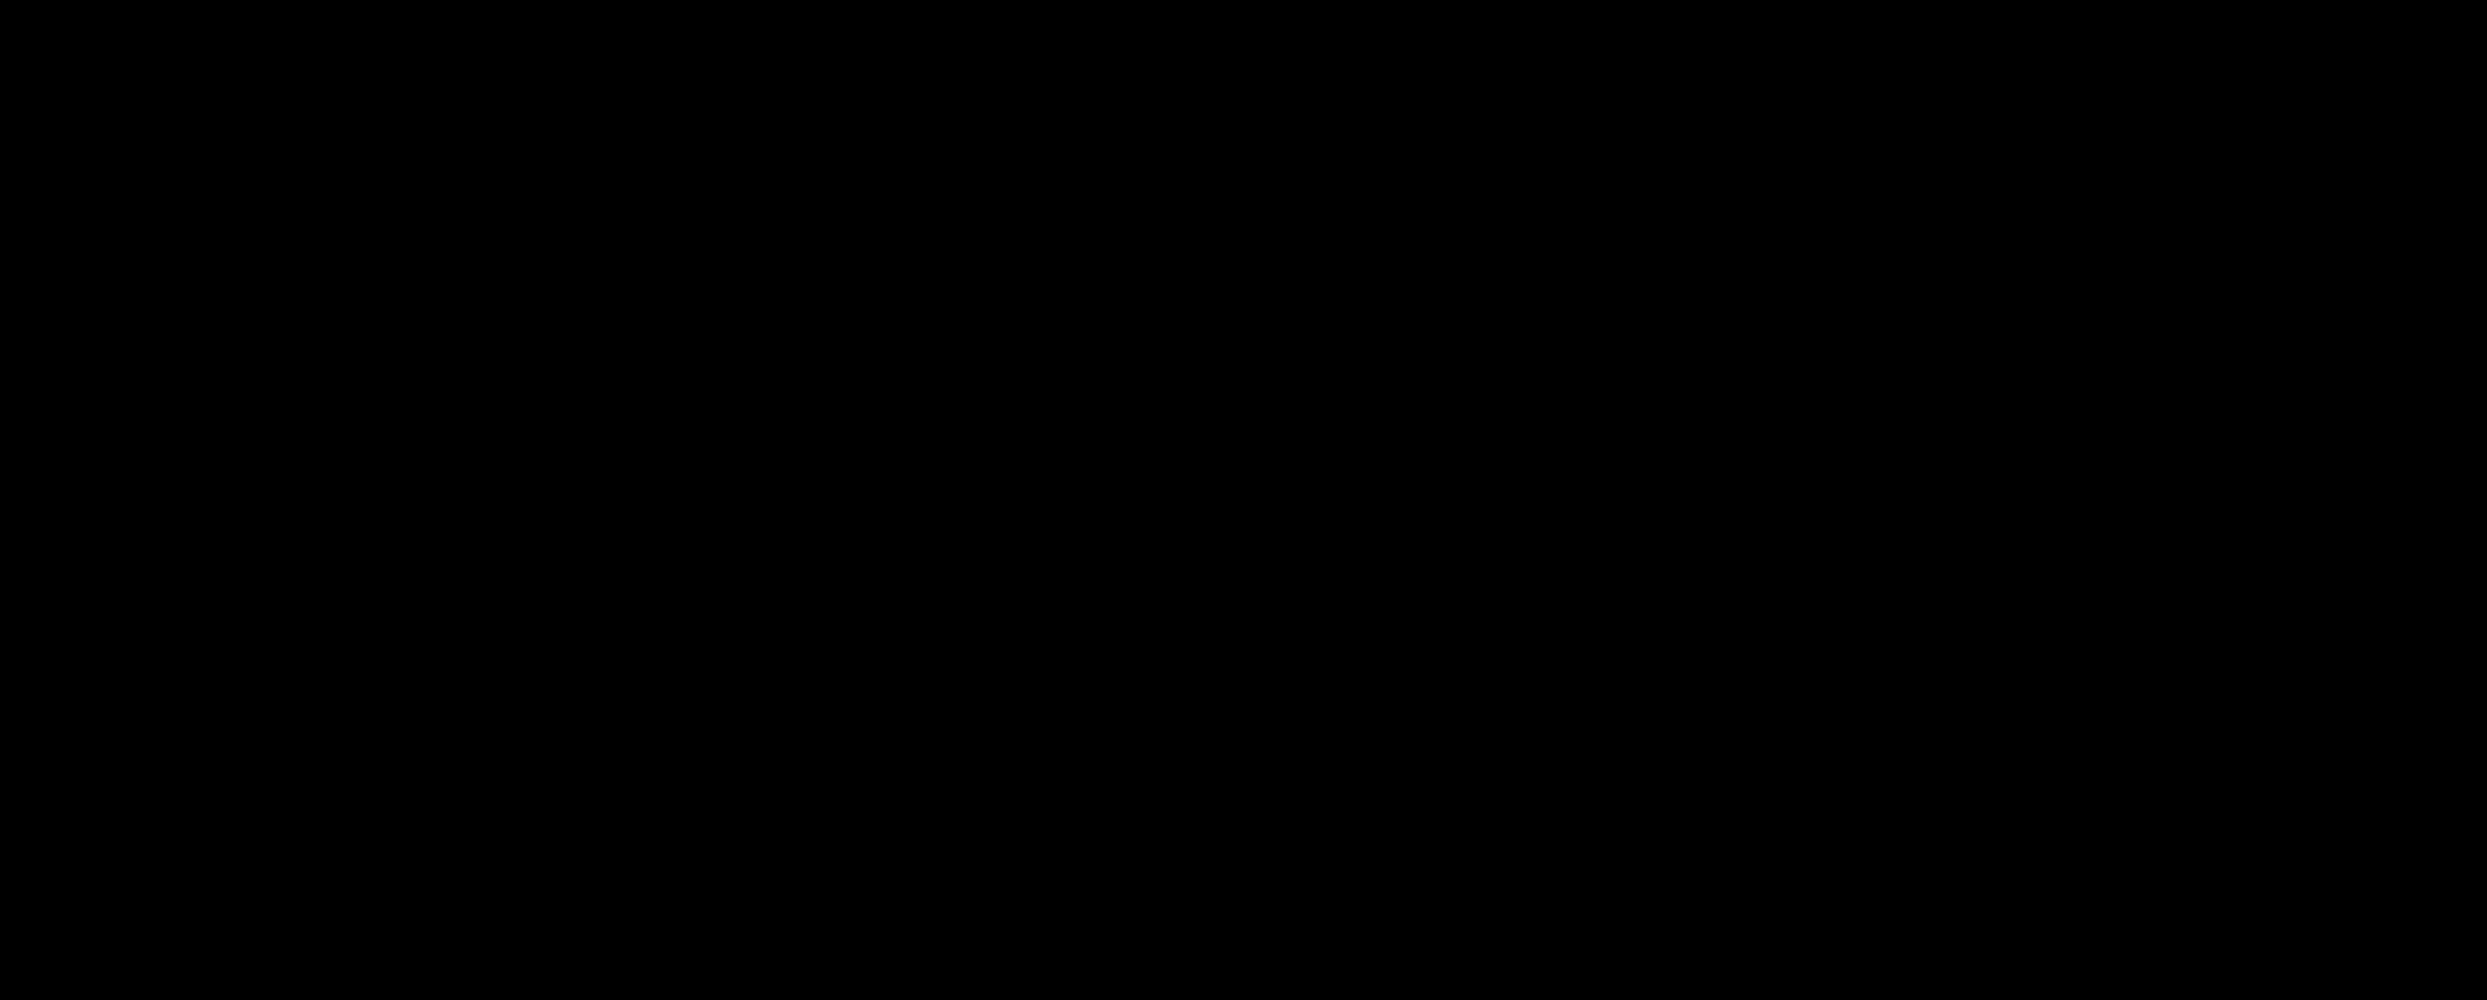 Larrosa Blanca, la garnacha blanca de Izadi